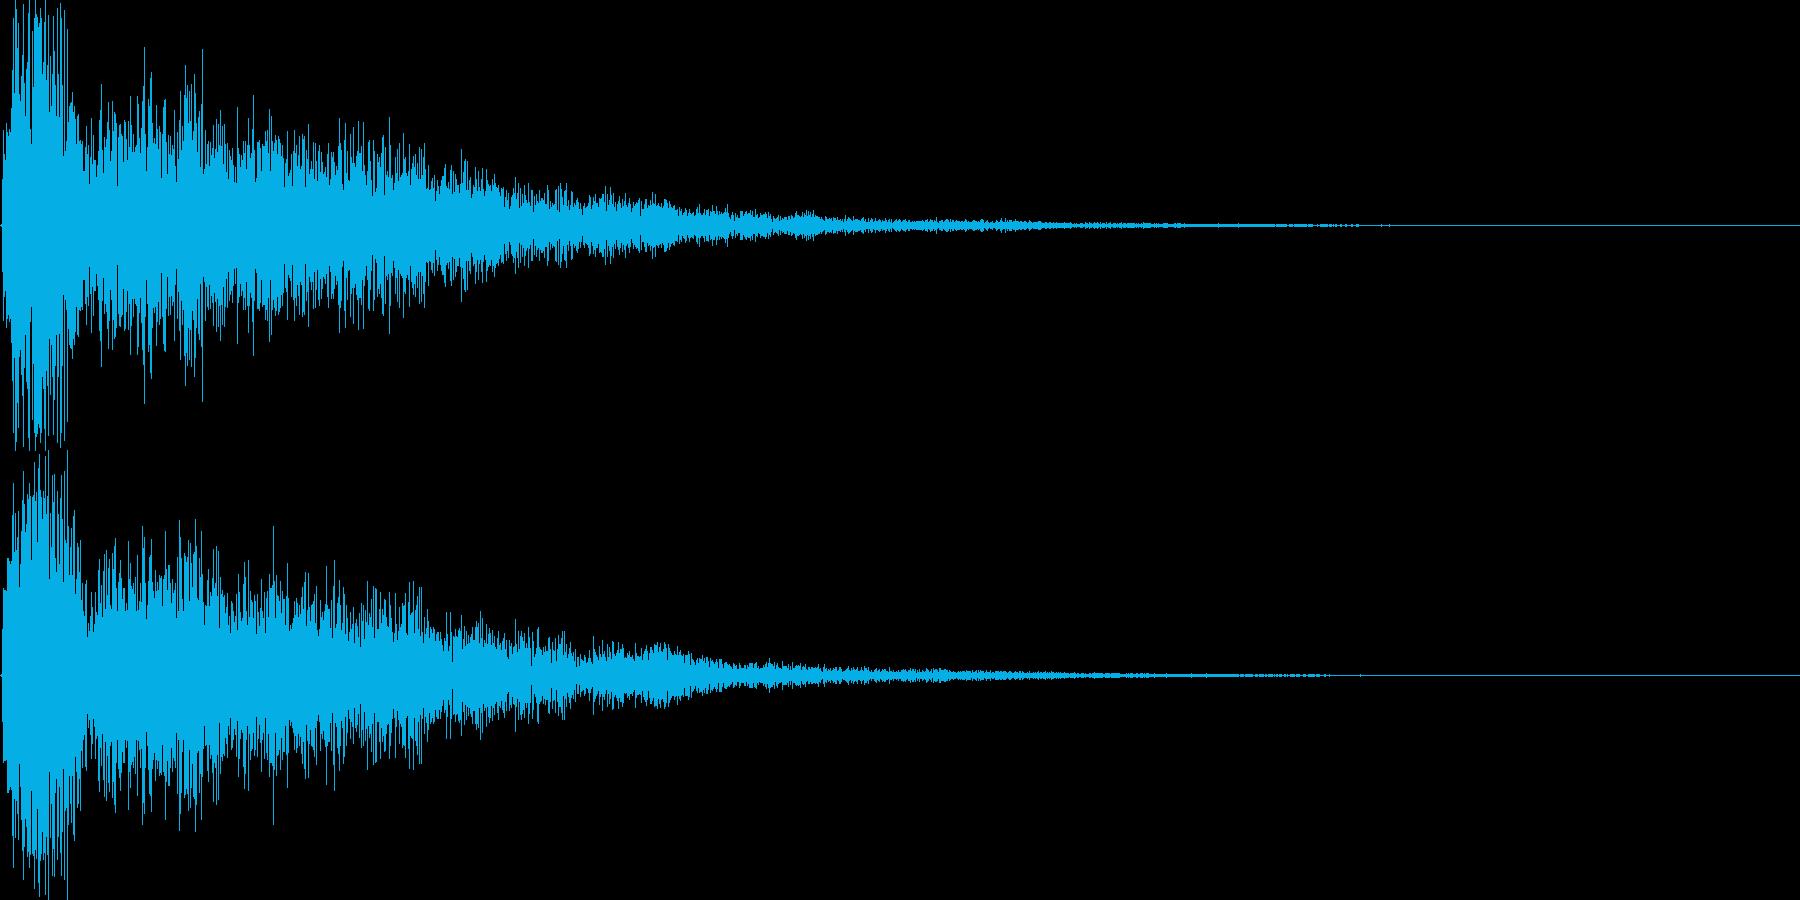 シンセ音(アプリ、サウンドロゴ等に)の再生済みの波形